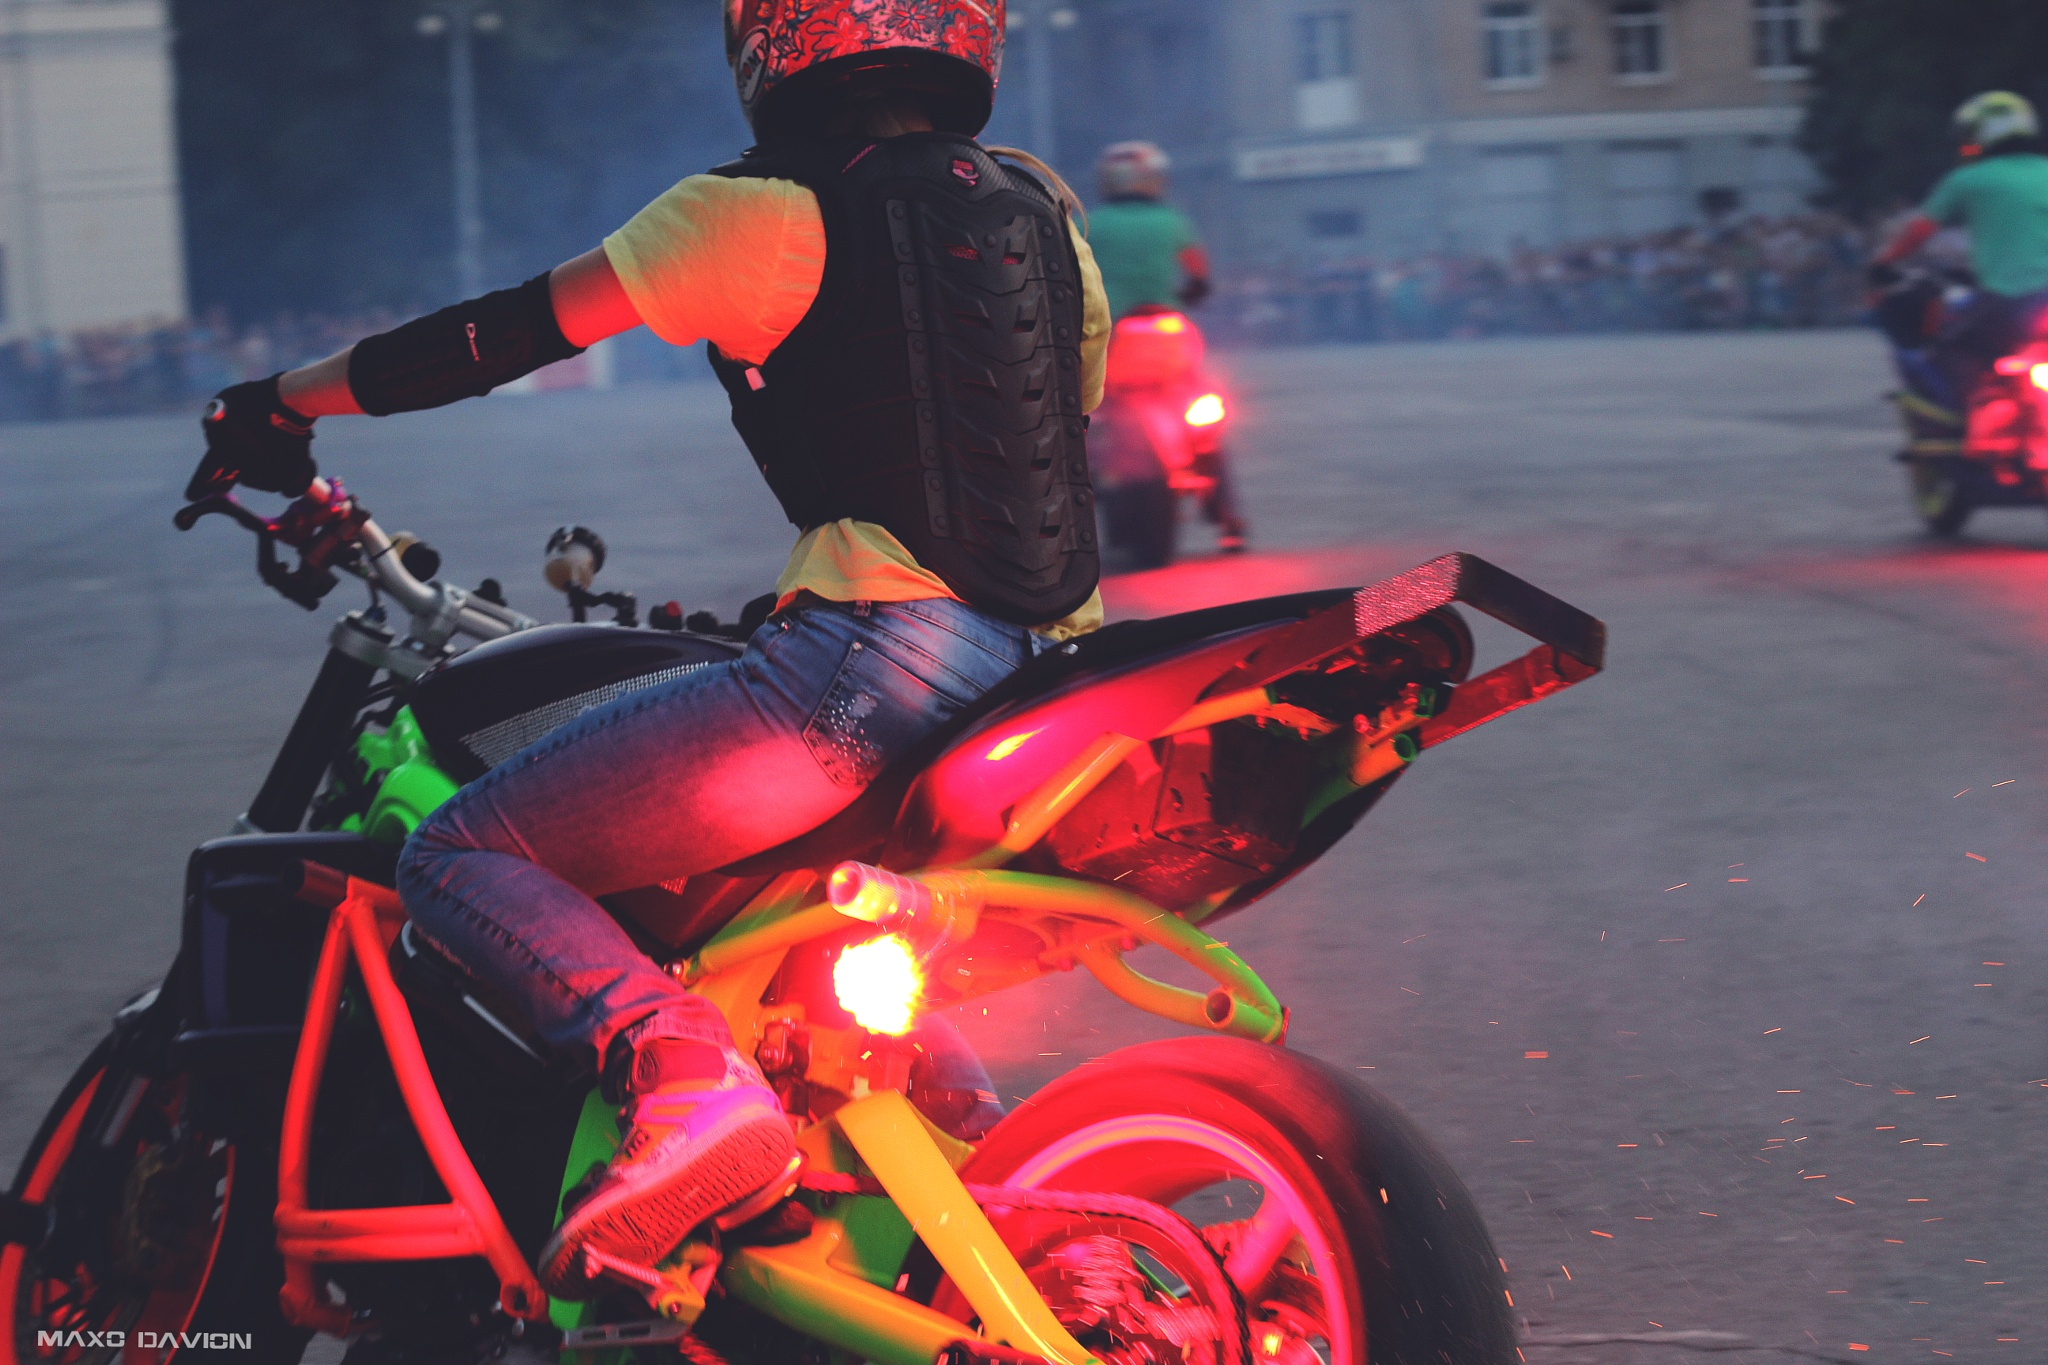 Stunt Moto Show by Maxo Davion